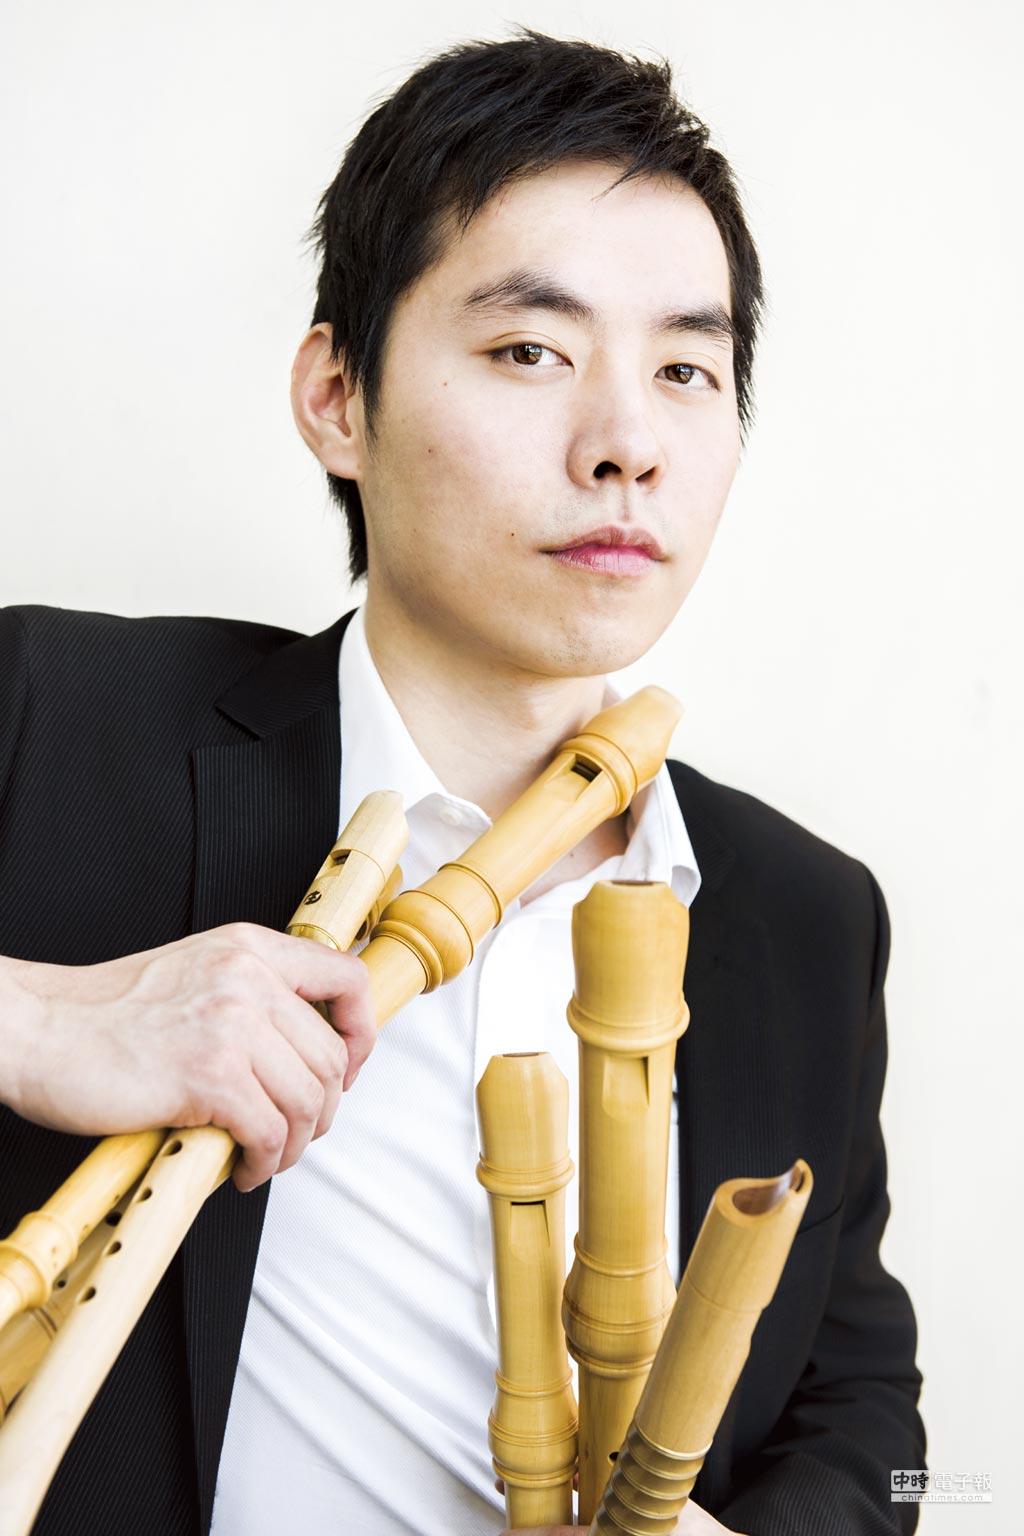 旅歐木笛音樂家梁益彰。圖/主辦單位提供